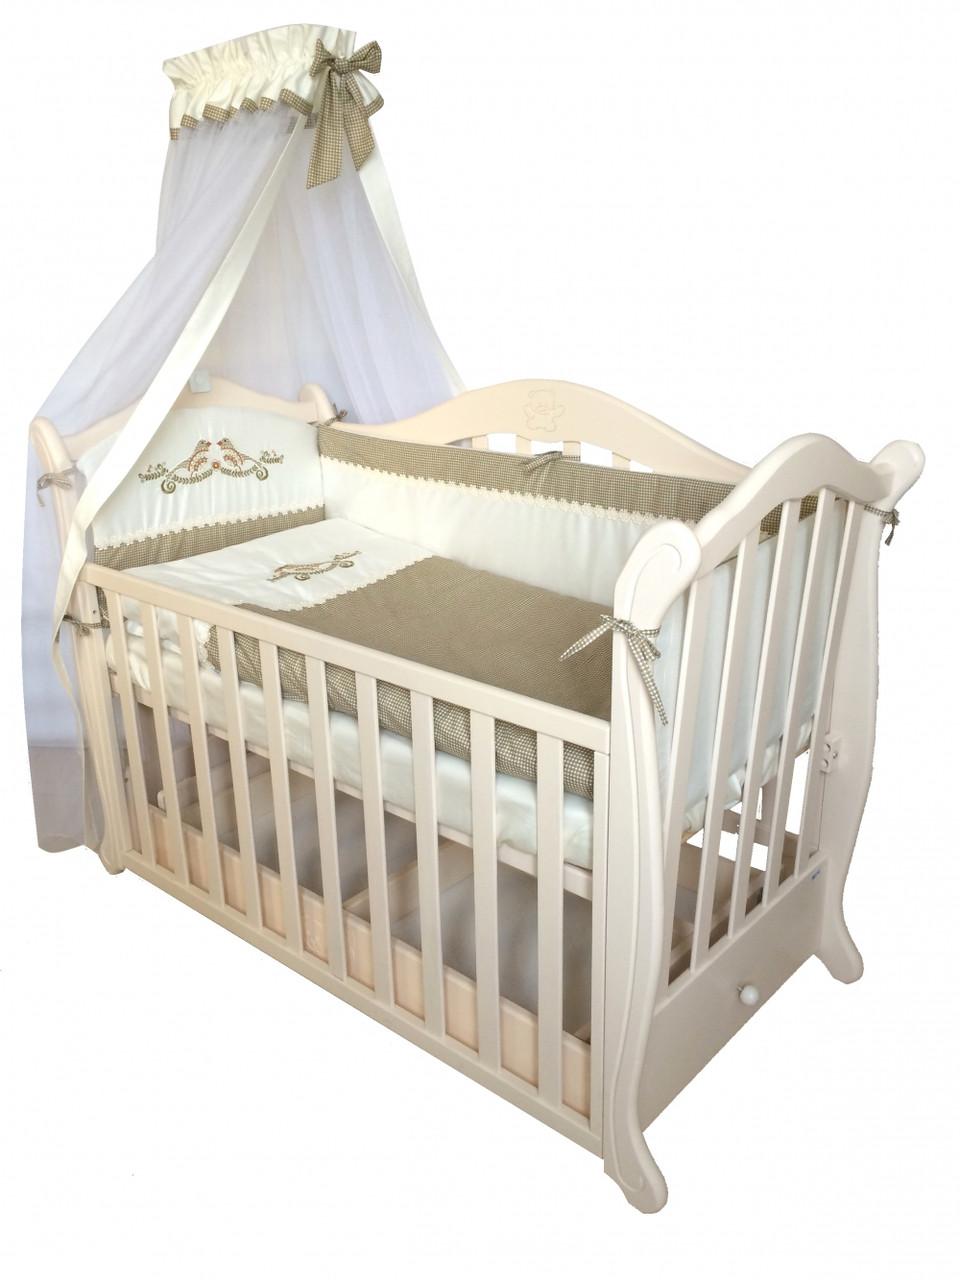 Детская постель Twins Etno E-001 7 элементов + БЕСПЛАТНАЯ ДОСТАВКА -  Интернет магазин брендовых a72c78c3092f2